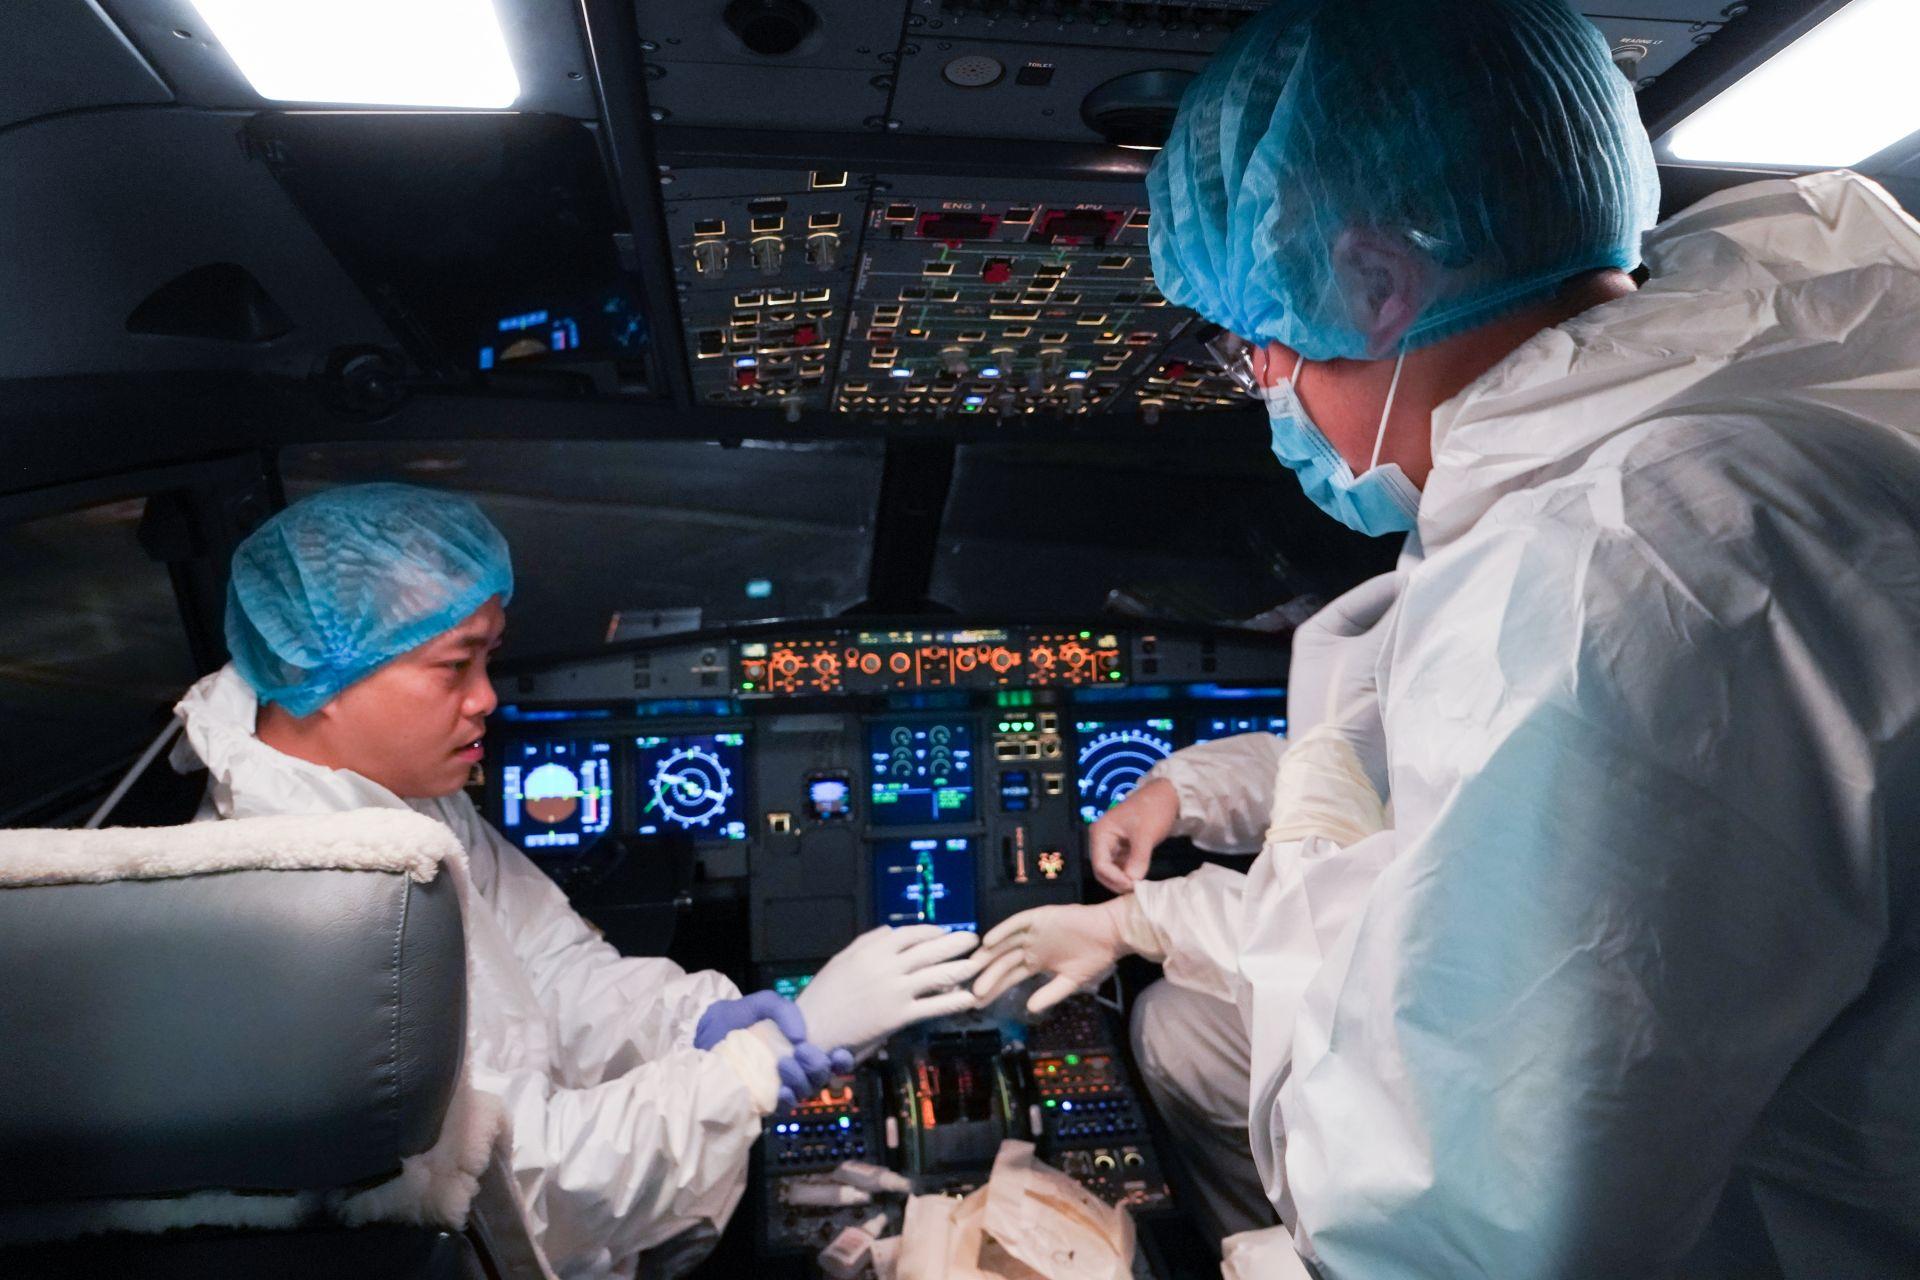 Hình ảnh các bác sĩ trong chuyến bay chở bệnh nhân từ đại dịch Corona về Tổ quốc